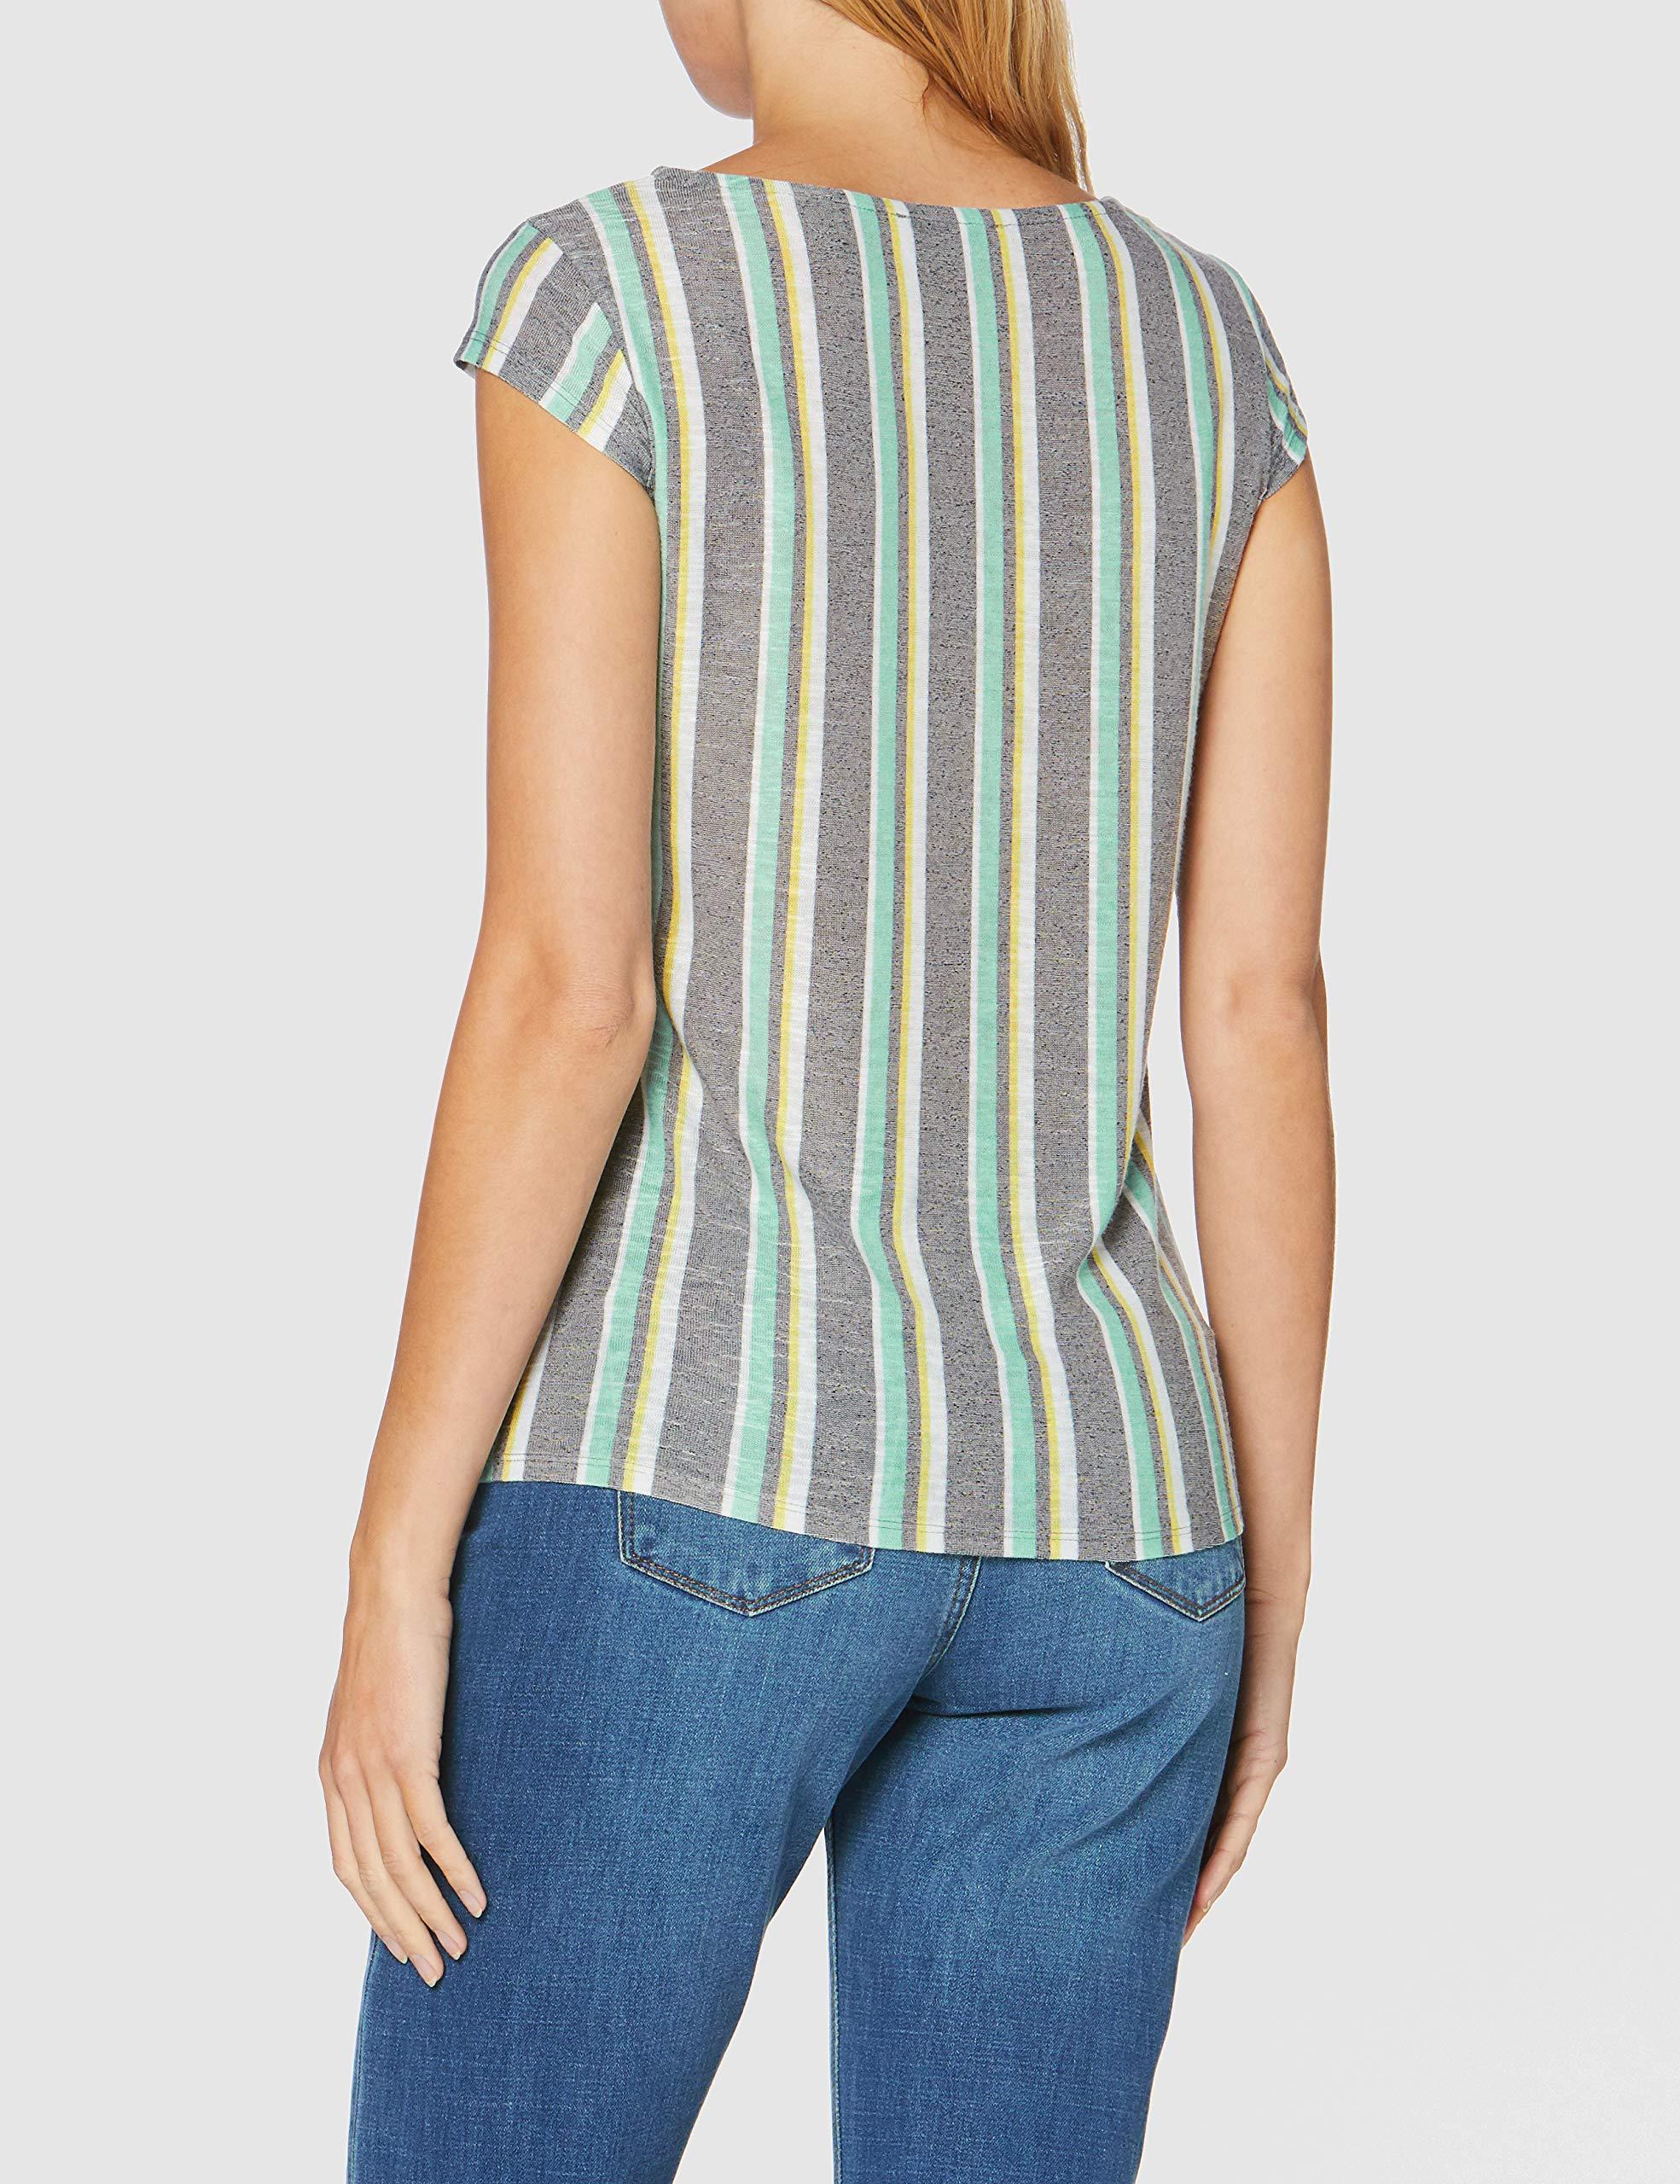 Comma Rundhals T-Shirt in weiß günstig kaufen